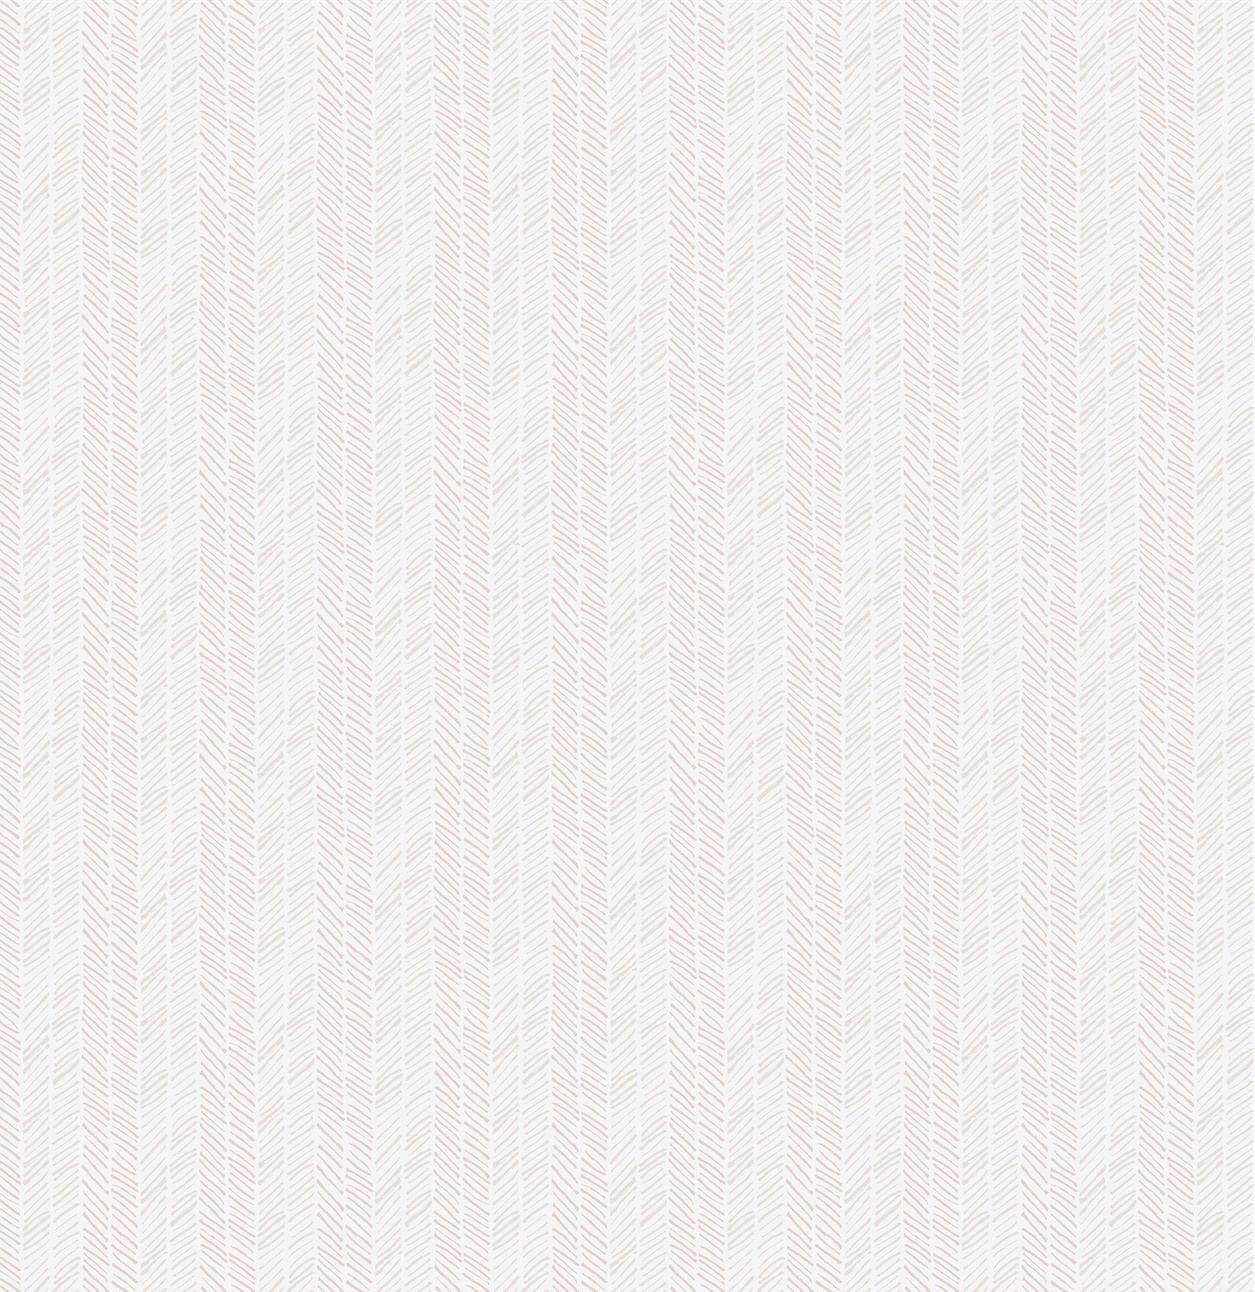 Papel de Parede Modern Maison Listras Invertidas MM557904 - Rolo: 10m x 0,52m